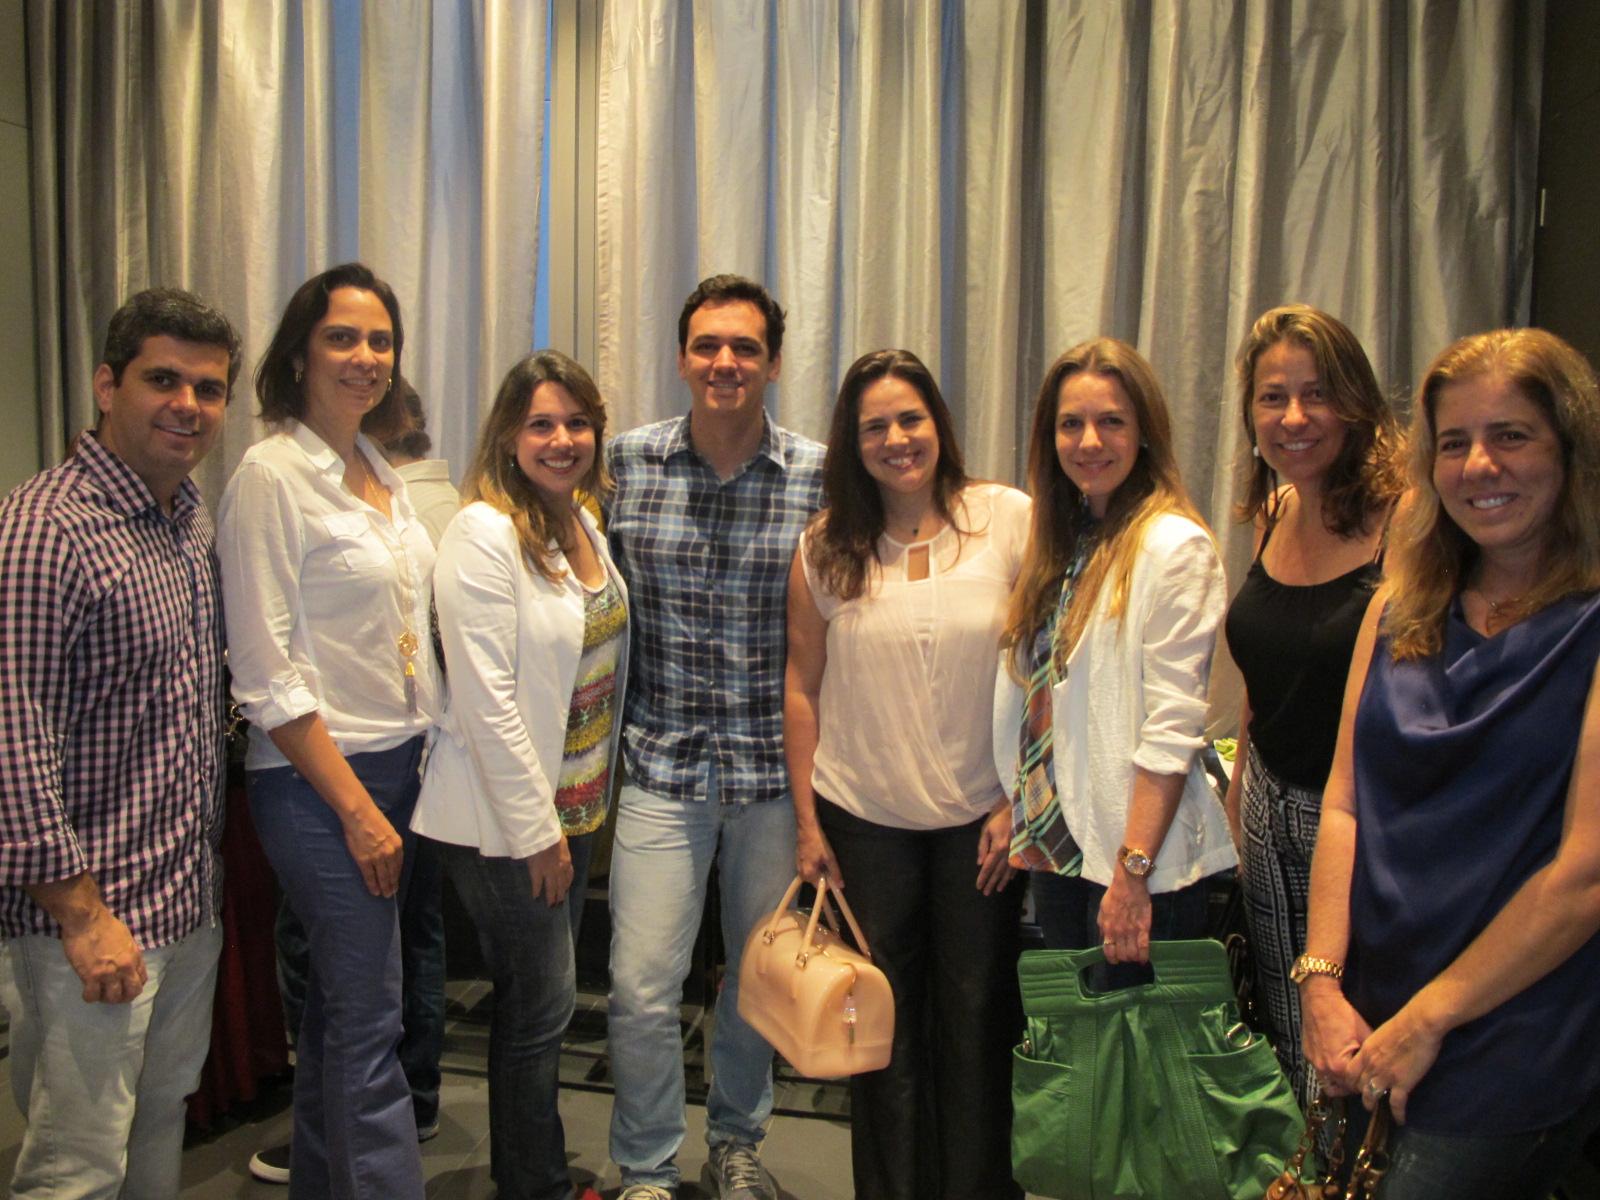 Núcleo Fluminense de Decoração reúne arquitetos em brunch